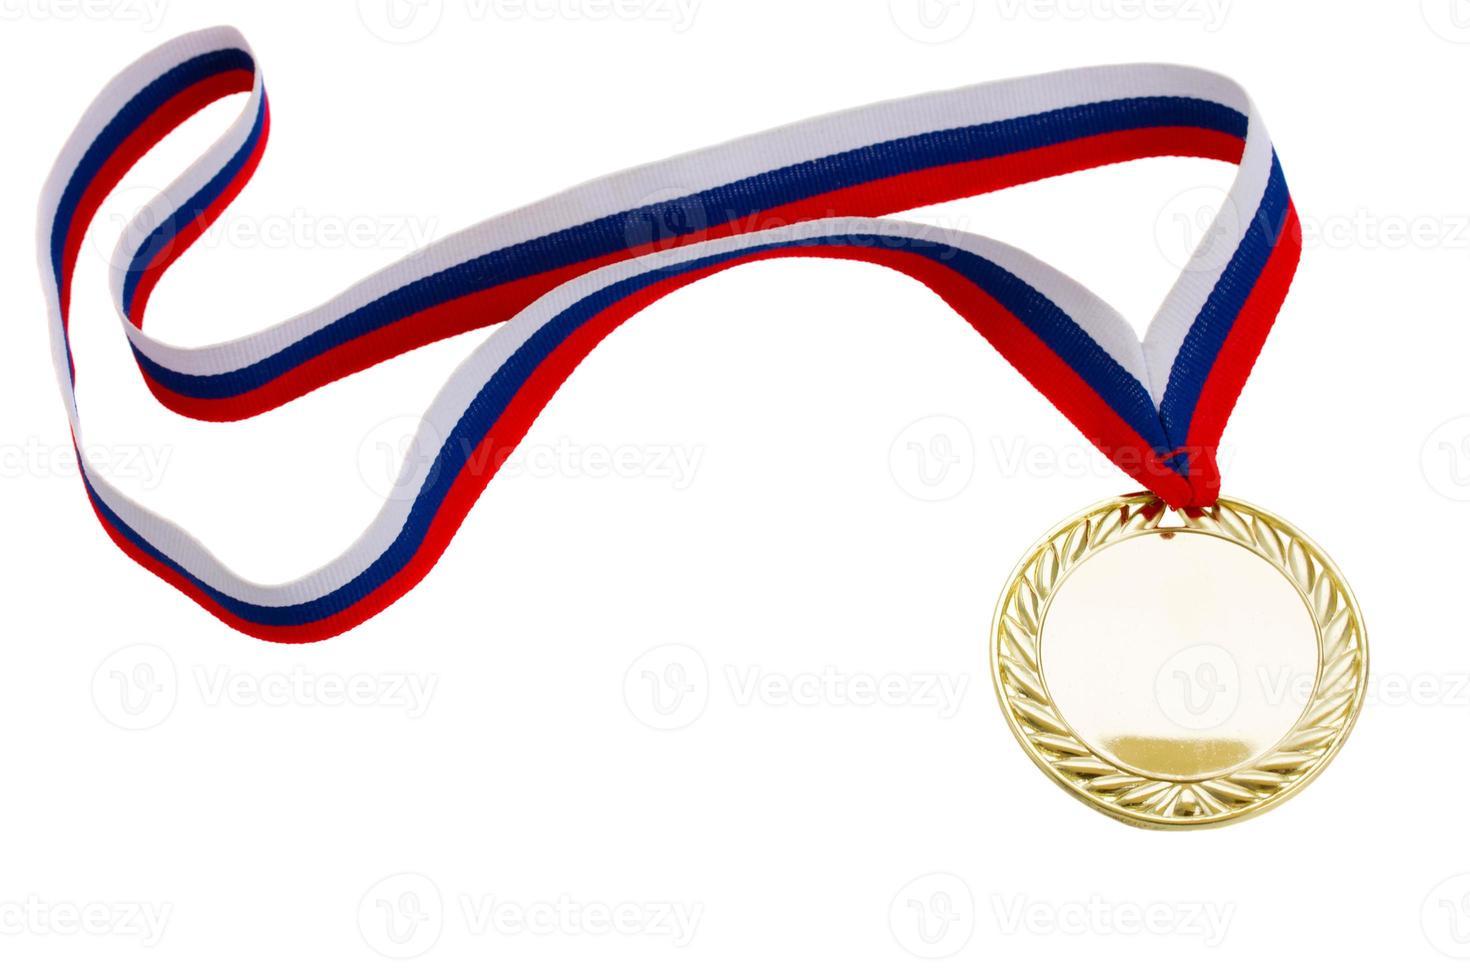 medalha de ouro foto